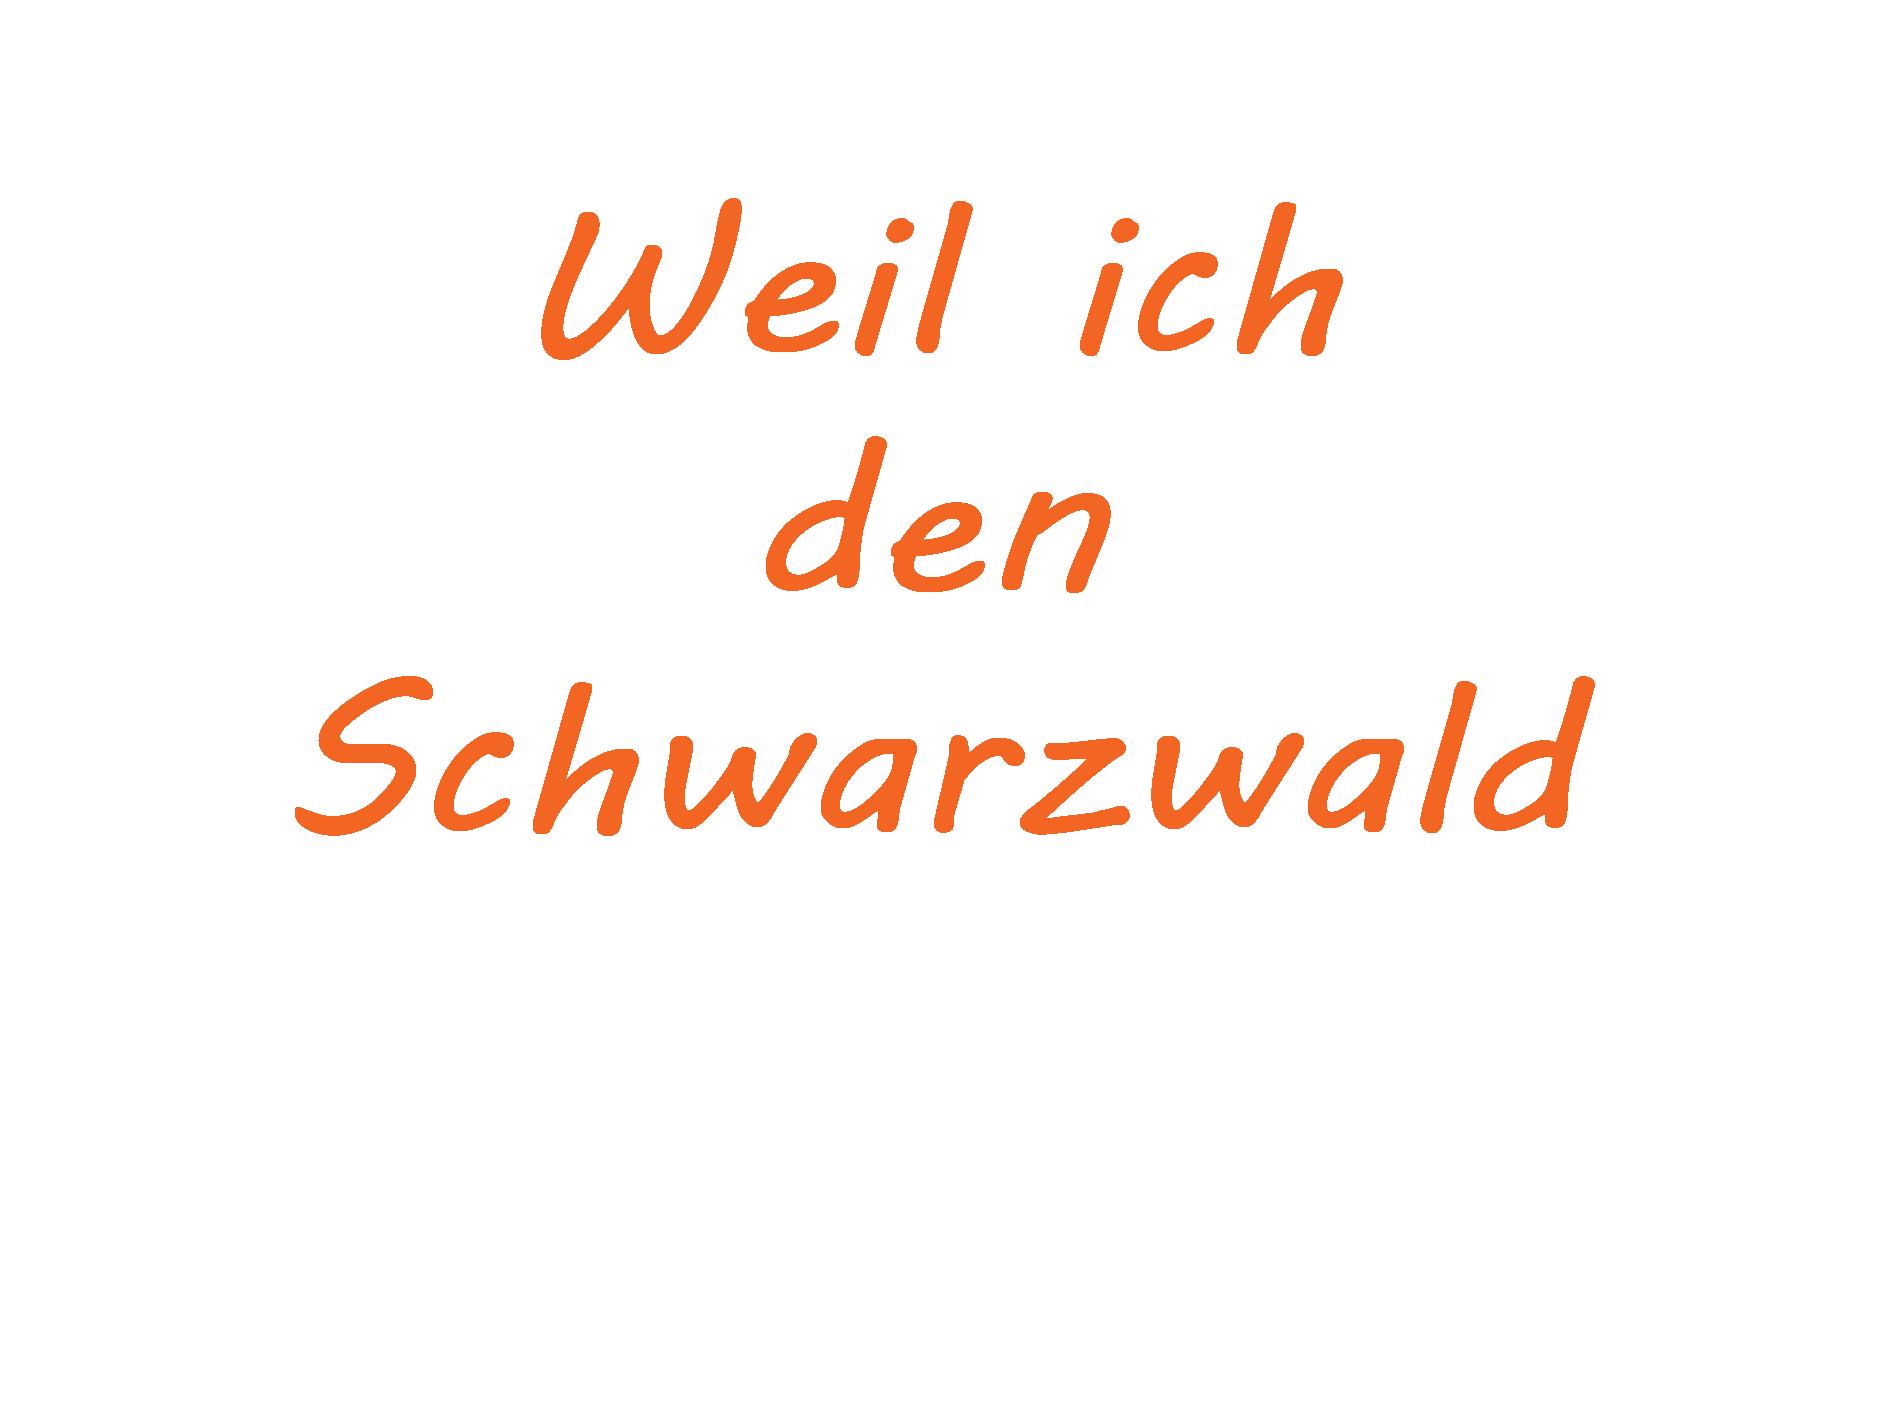 schwarzwaldlieb bloggerin